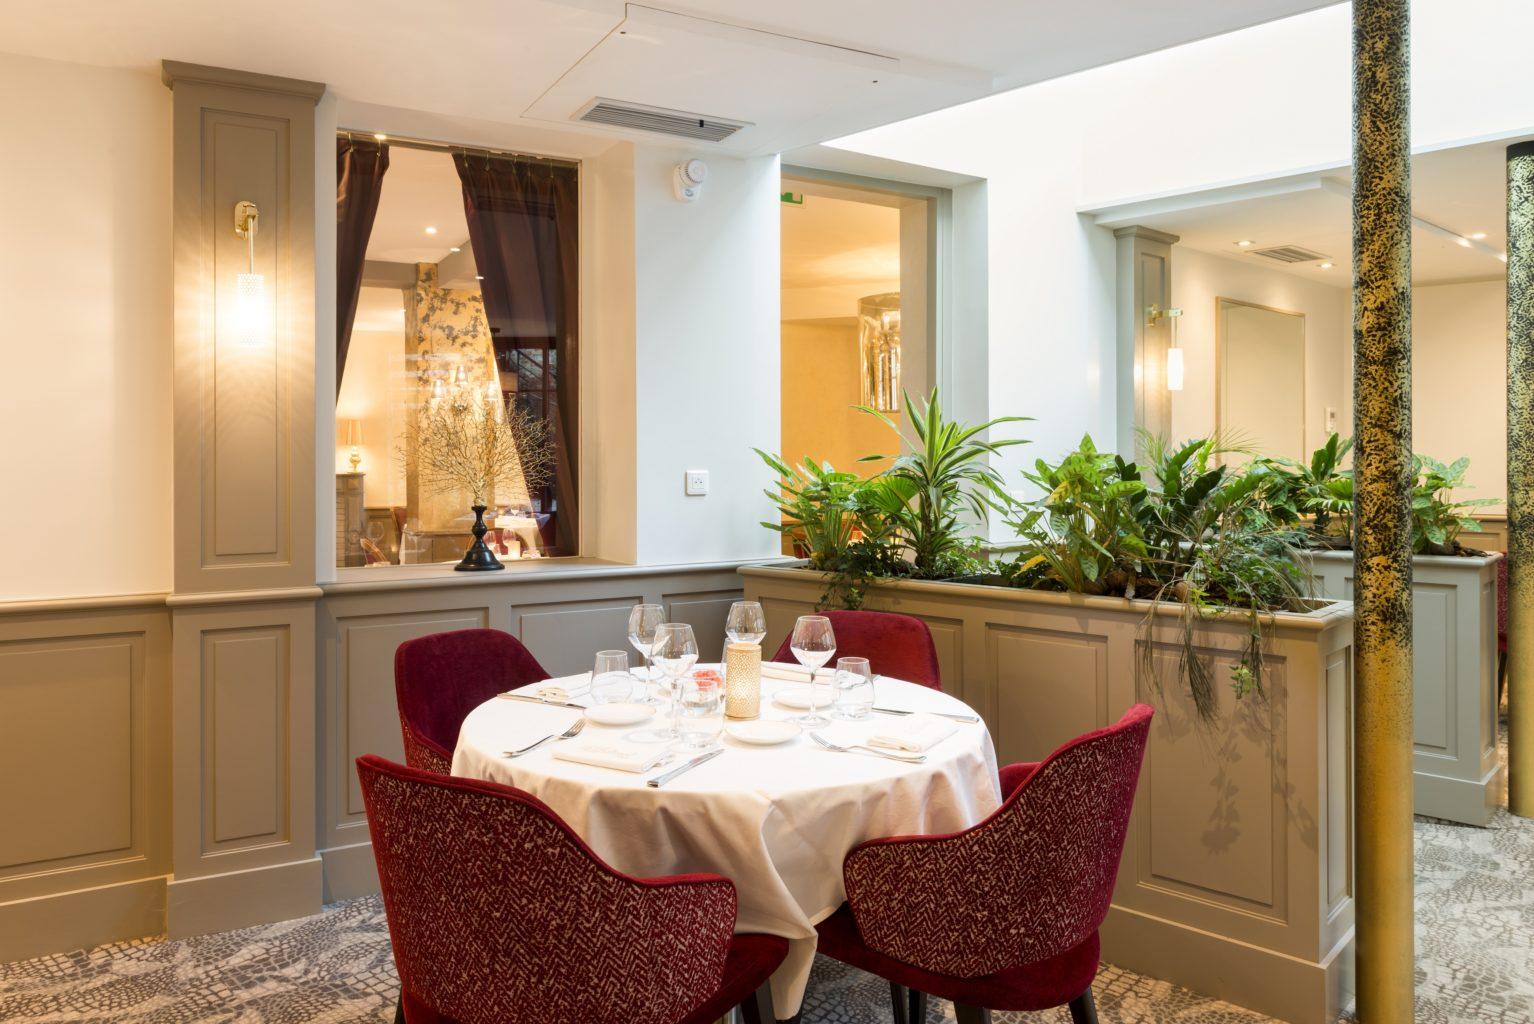 Hôtel Restaurant du Hôtel restaurant Tribunal Mortagne au Perche ©Antoine Cardi